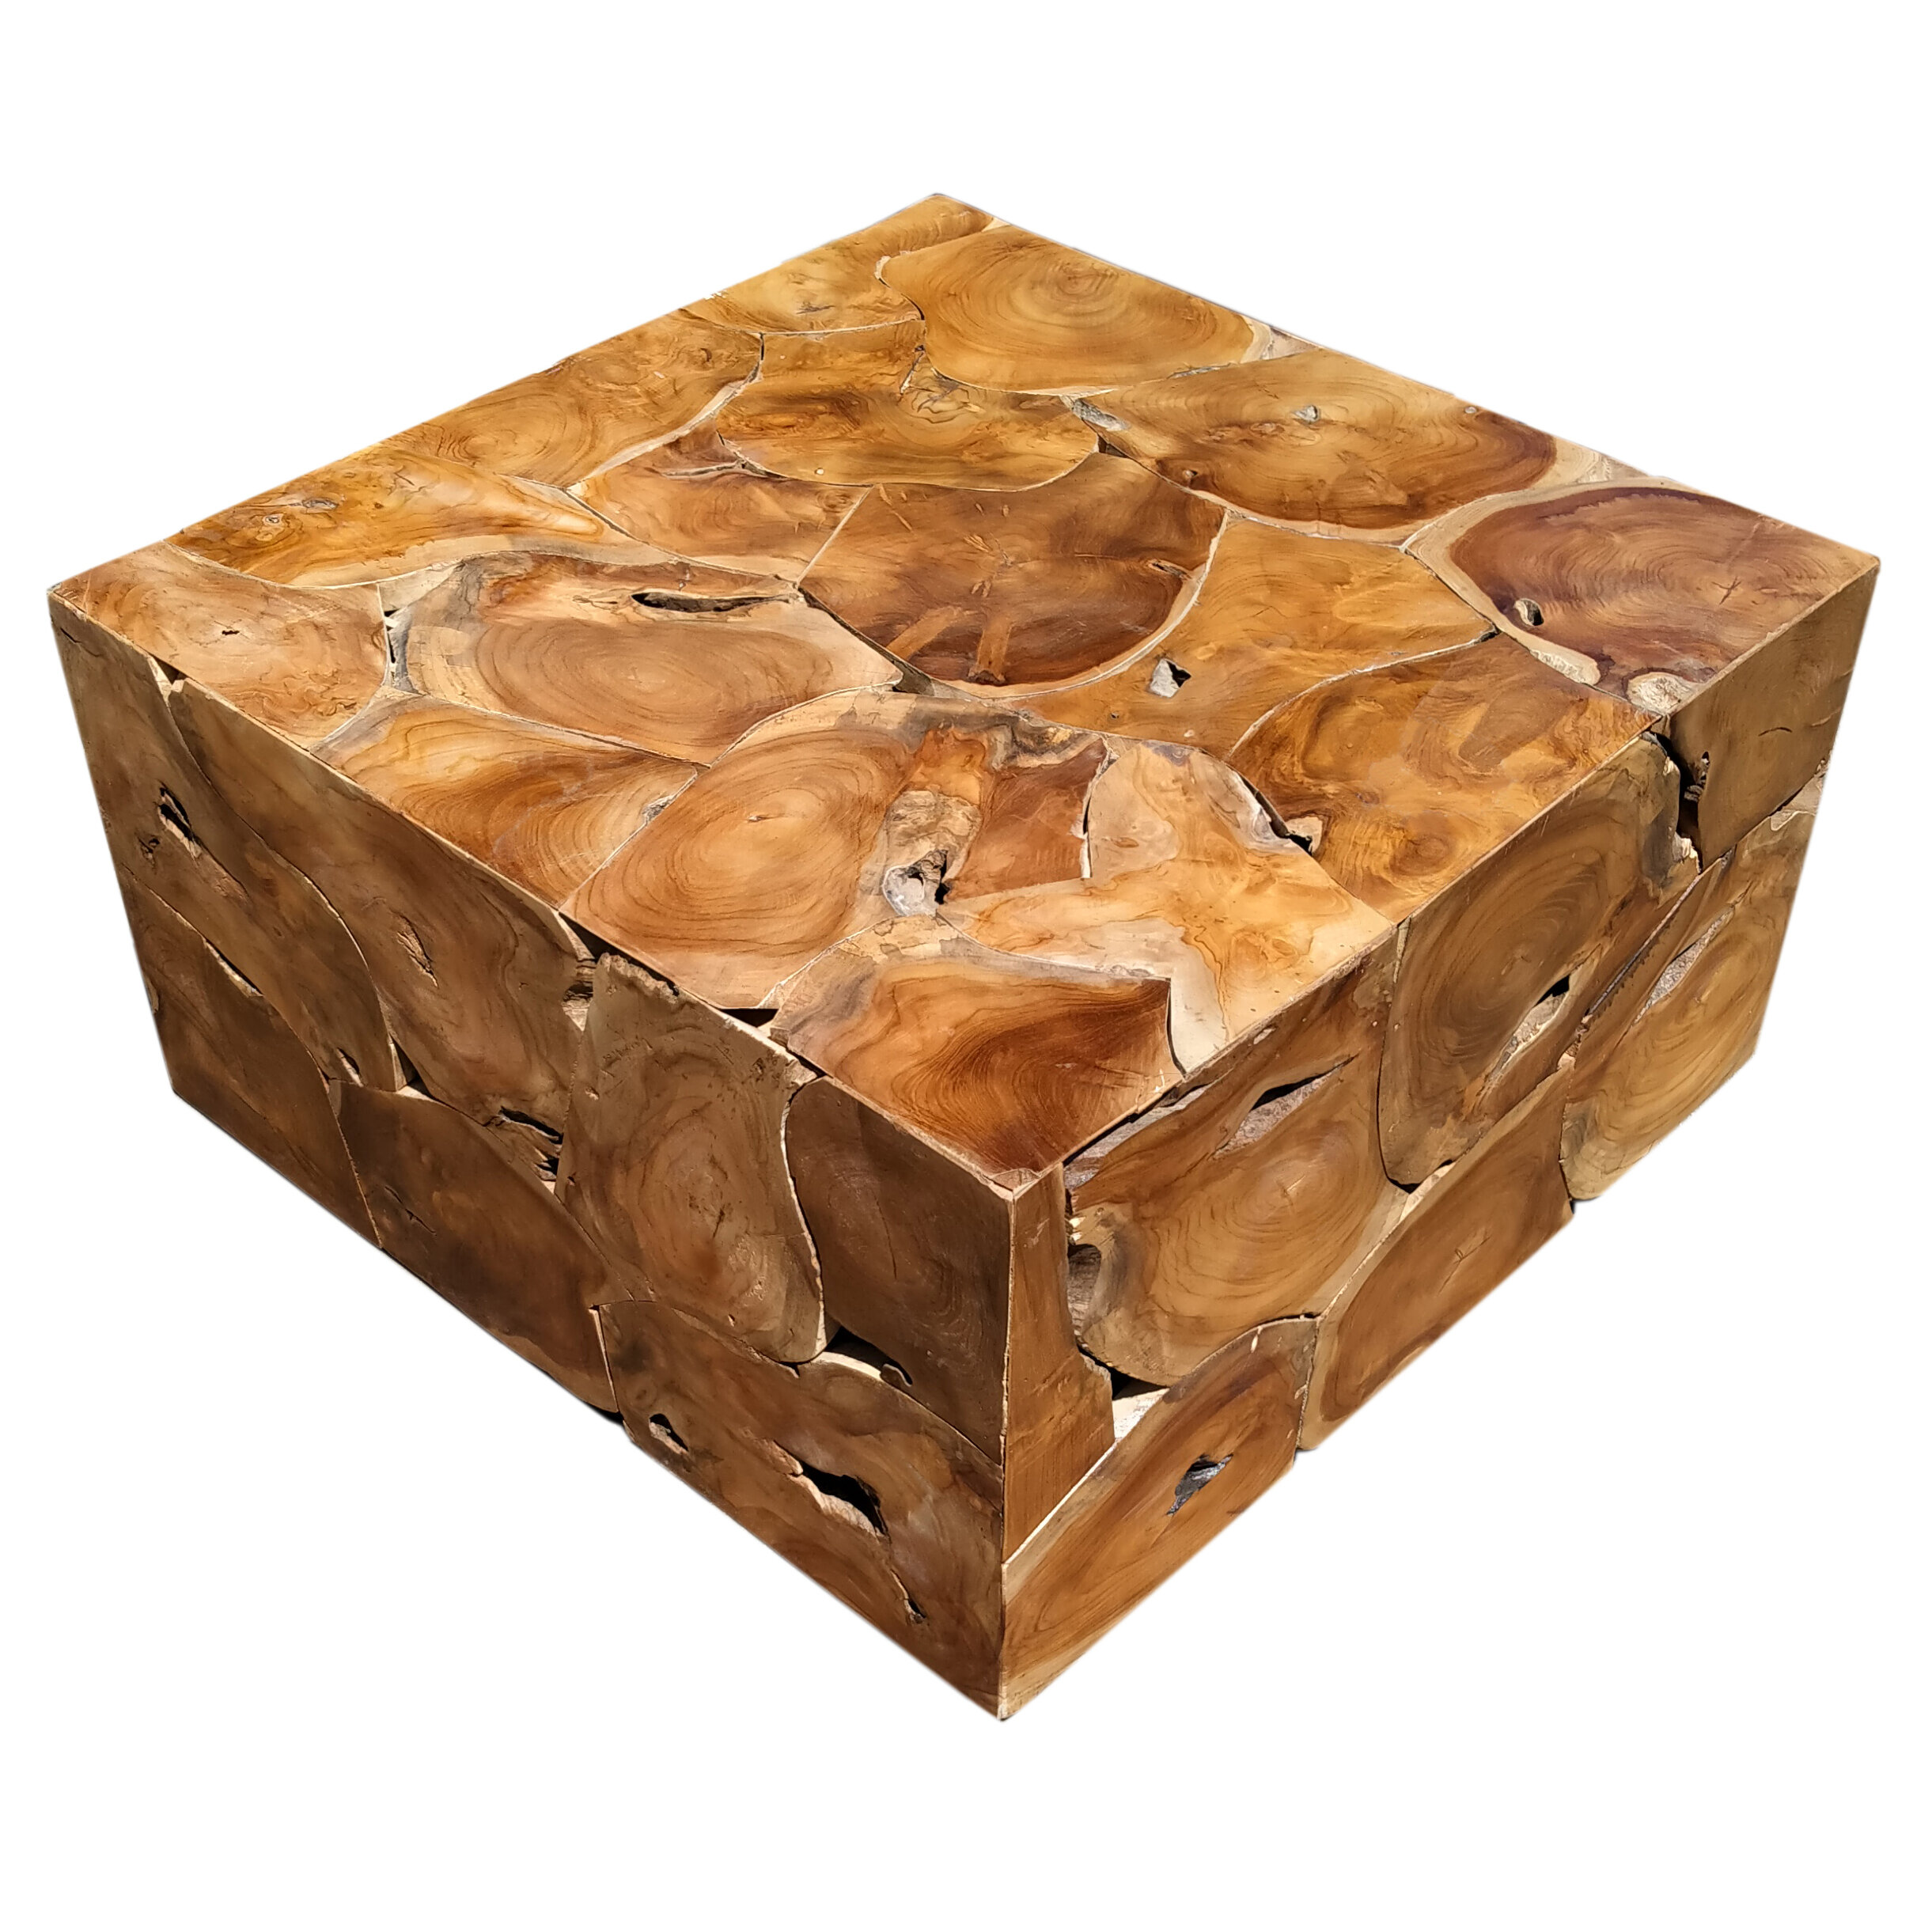 Millwood Pines Artlone Solid Wood Block Coffee Table Wayfair